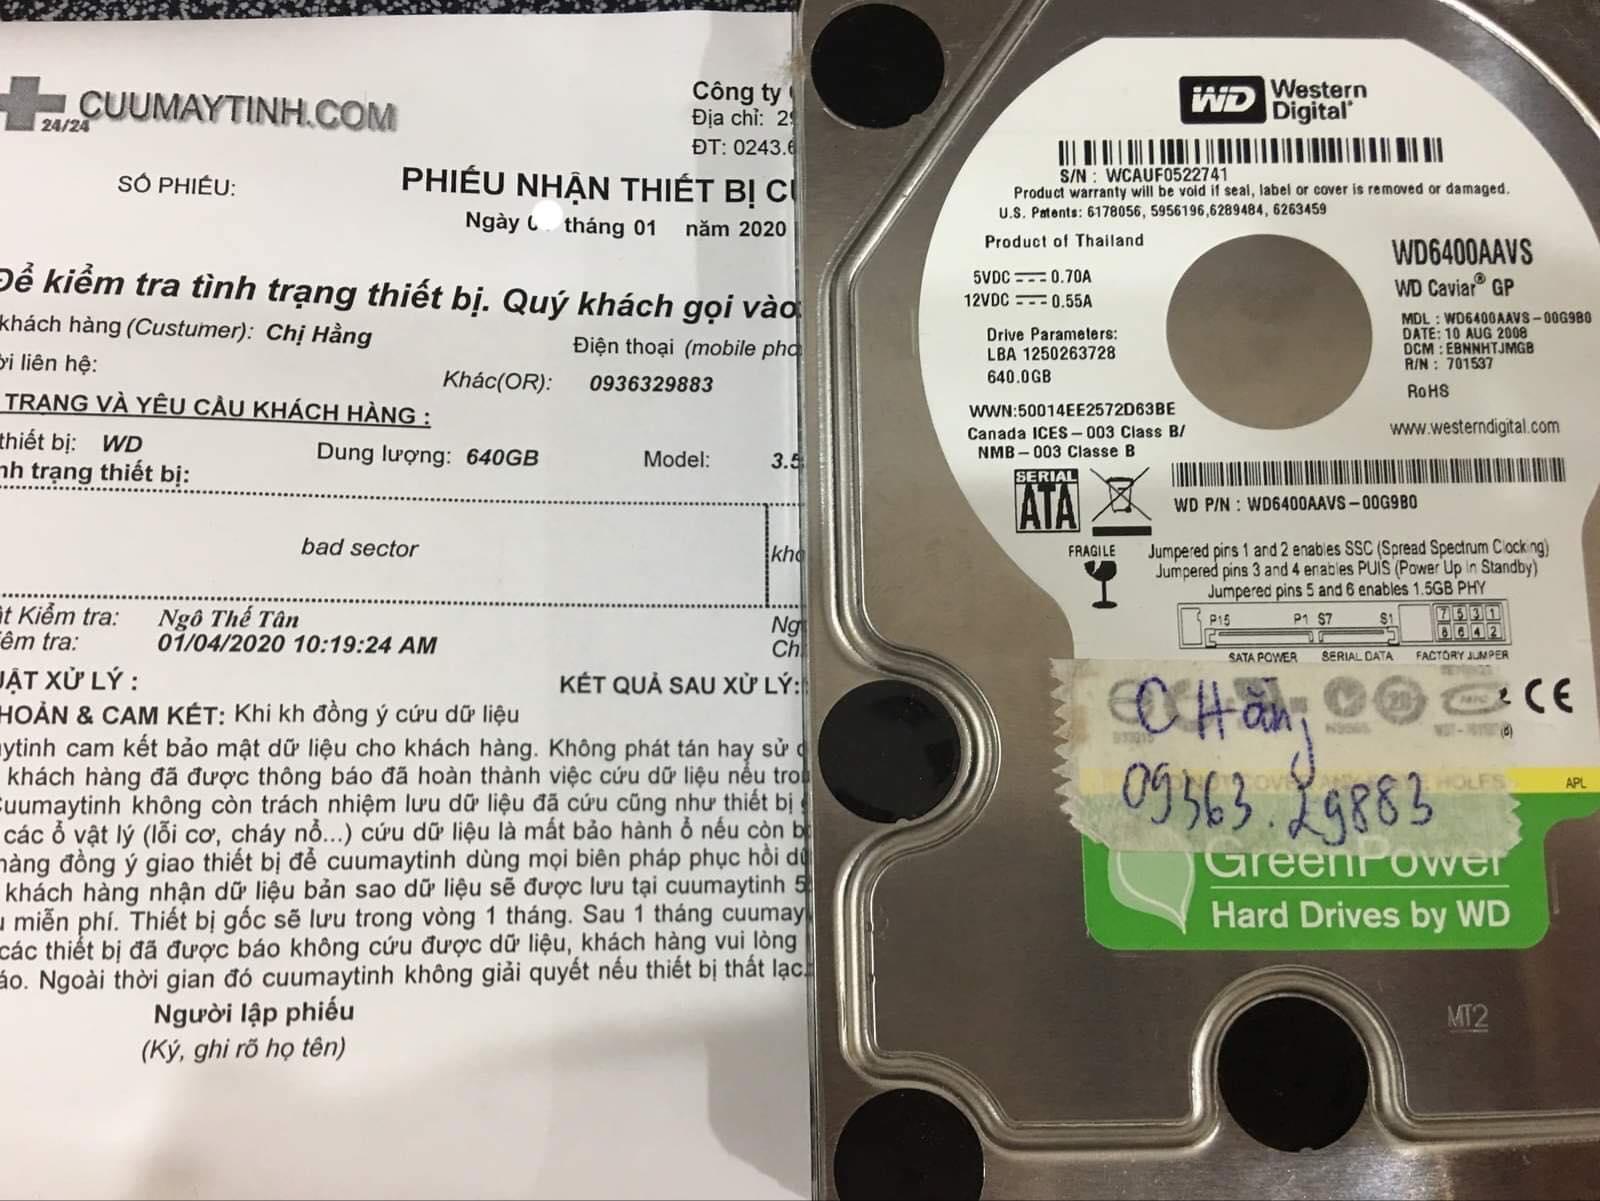 Cứu dữ liệu ổ cứng Western 640GB bad sector 06/01/2020 - cuumaytinh